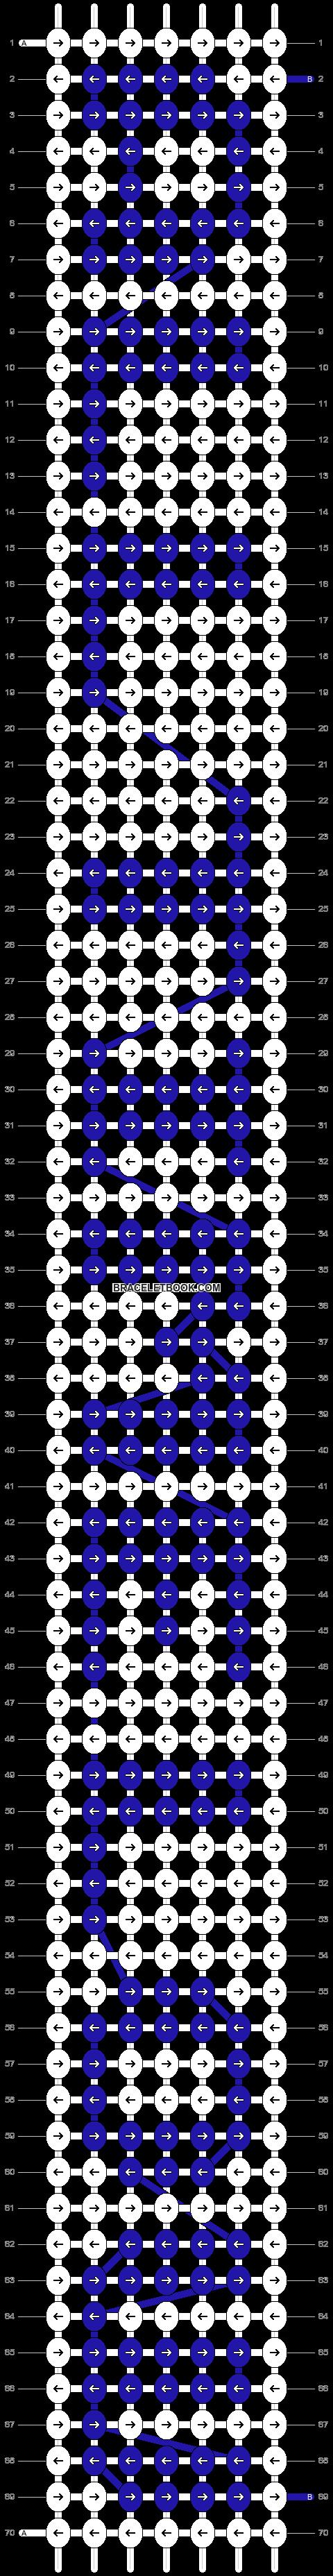 Alpha Pattern #5440 added by Bandgeek15